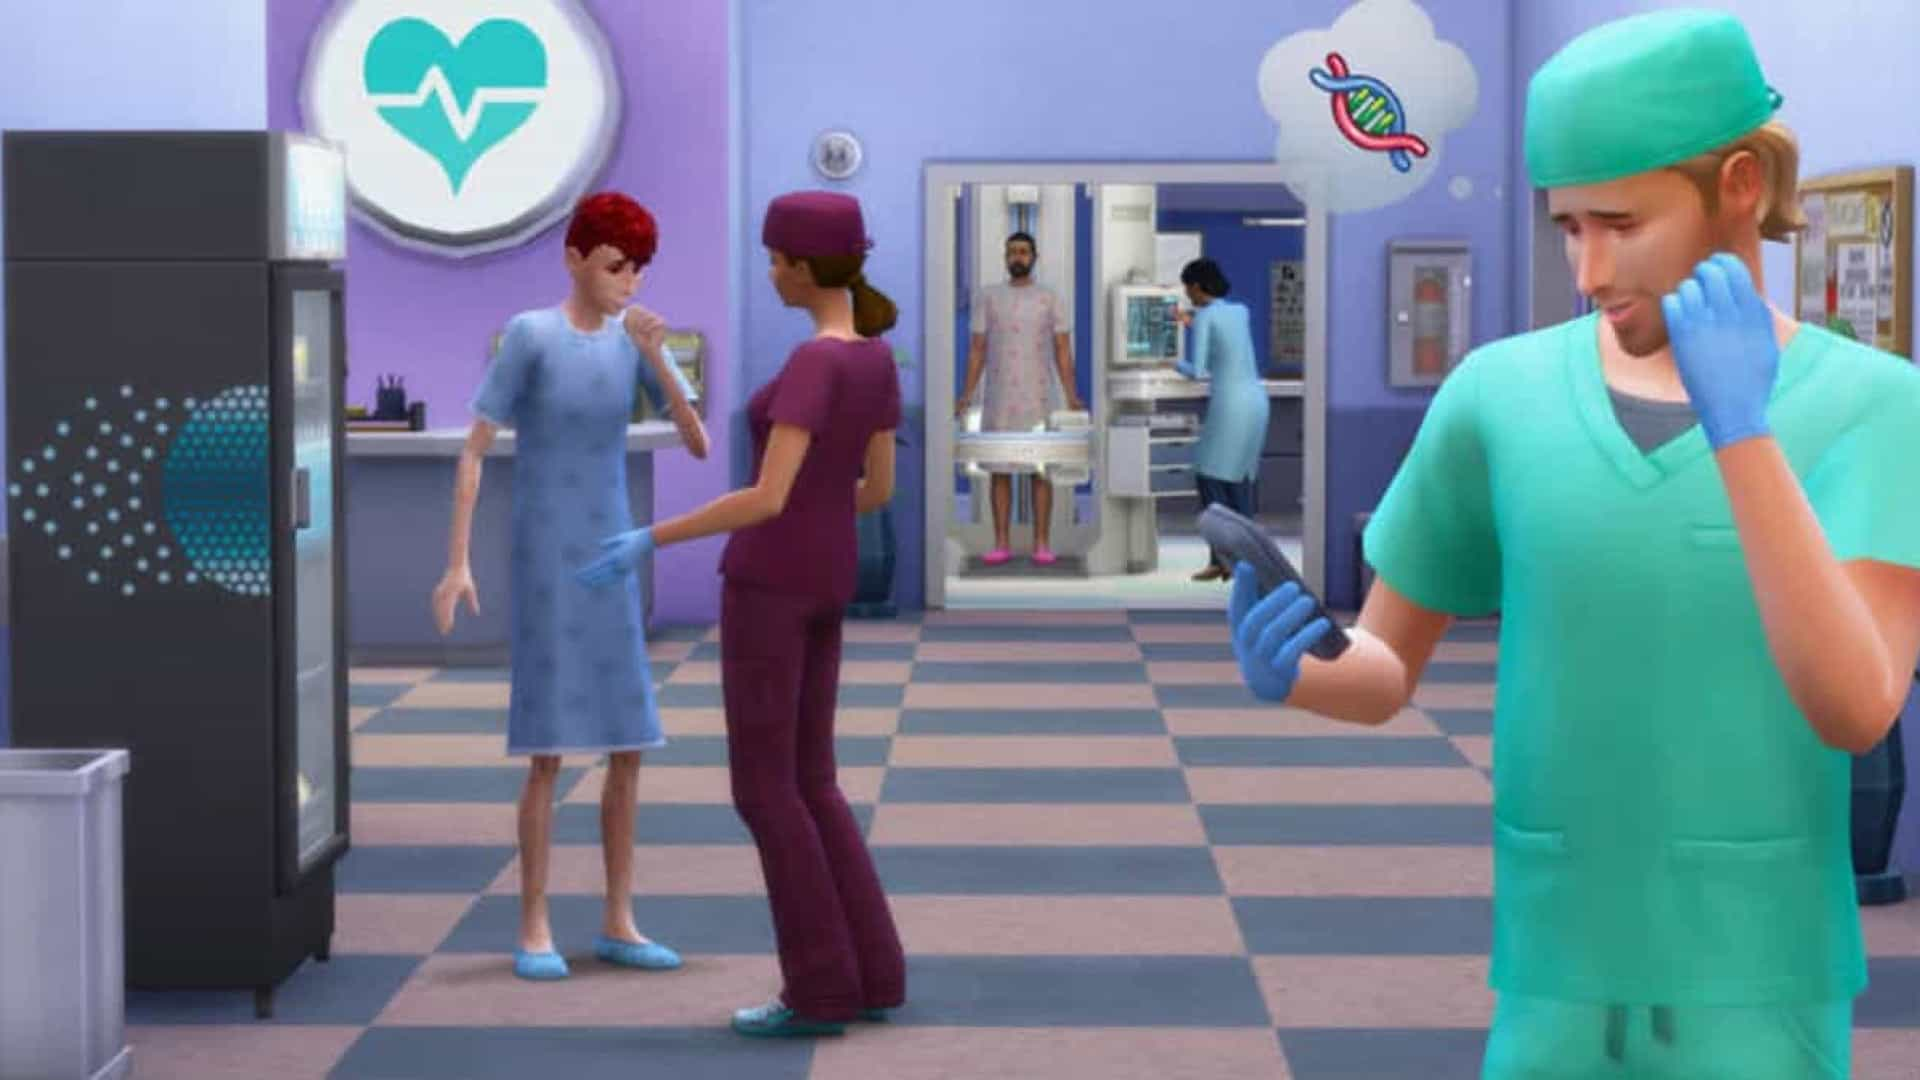 Gamers estão recriando a pandemia de coronavírus no 'The Sims'